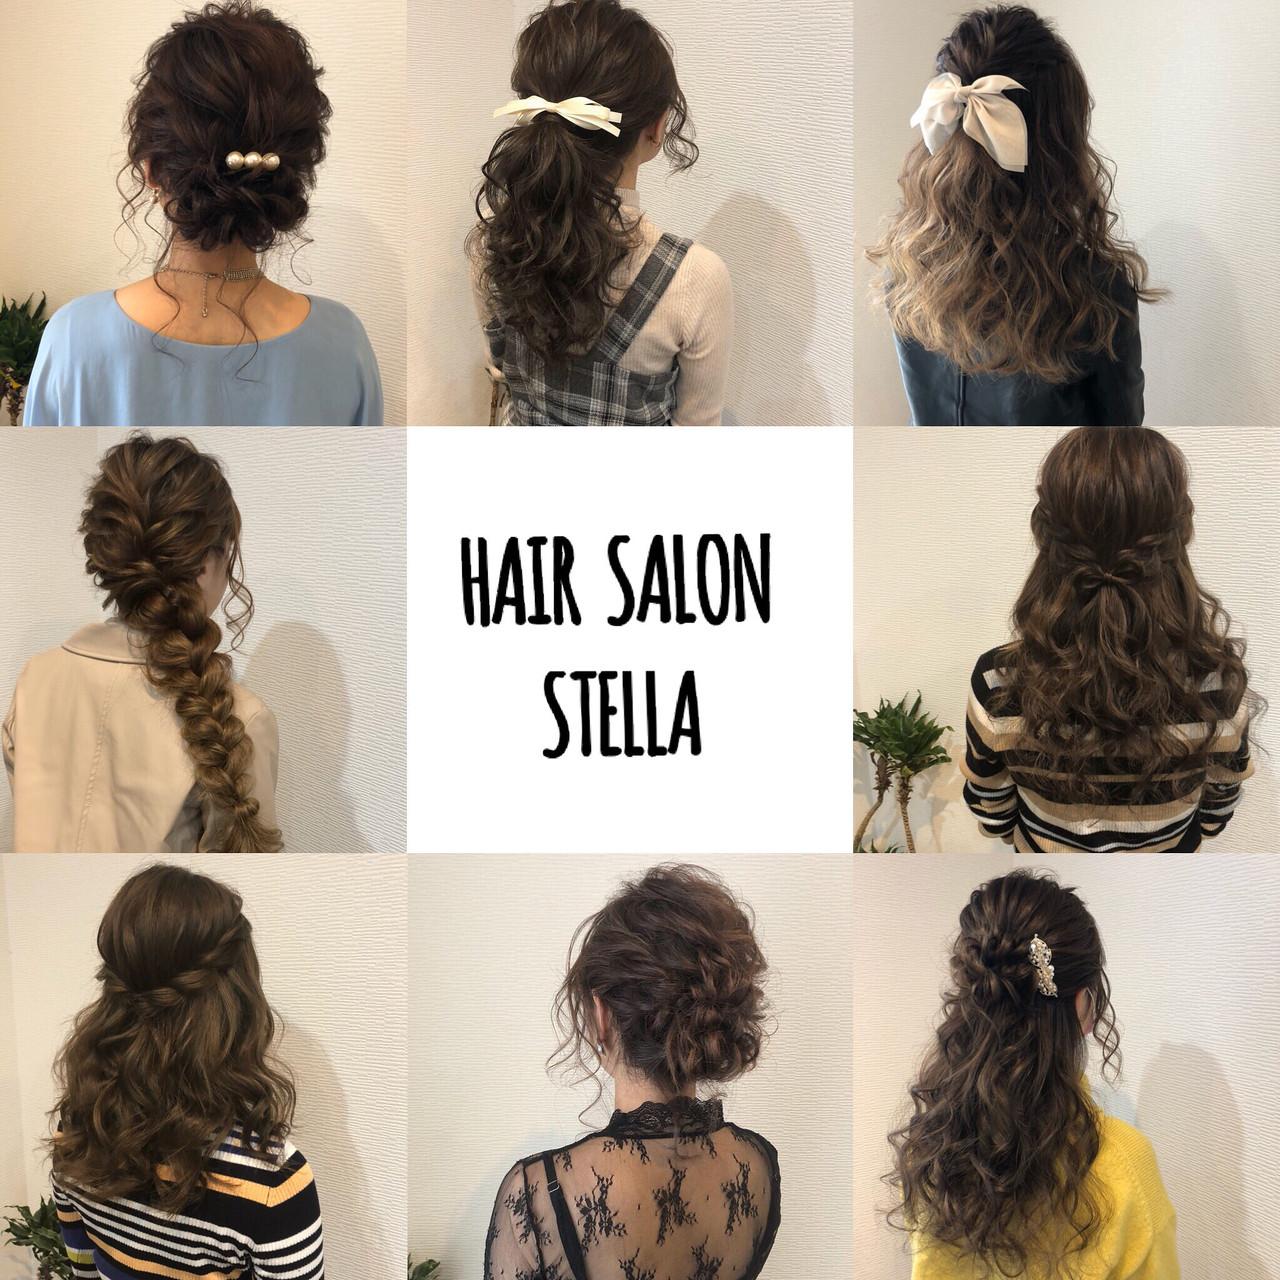 ハーフアップ ヘアアレンジ ヘアセット 編み込み ヘアスタイルや髪型の写真・画像